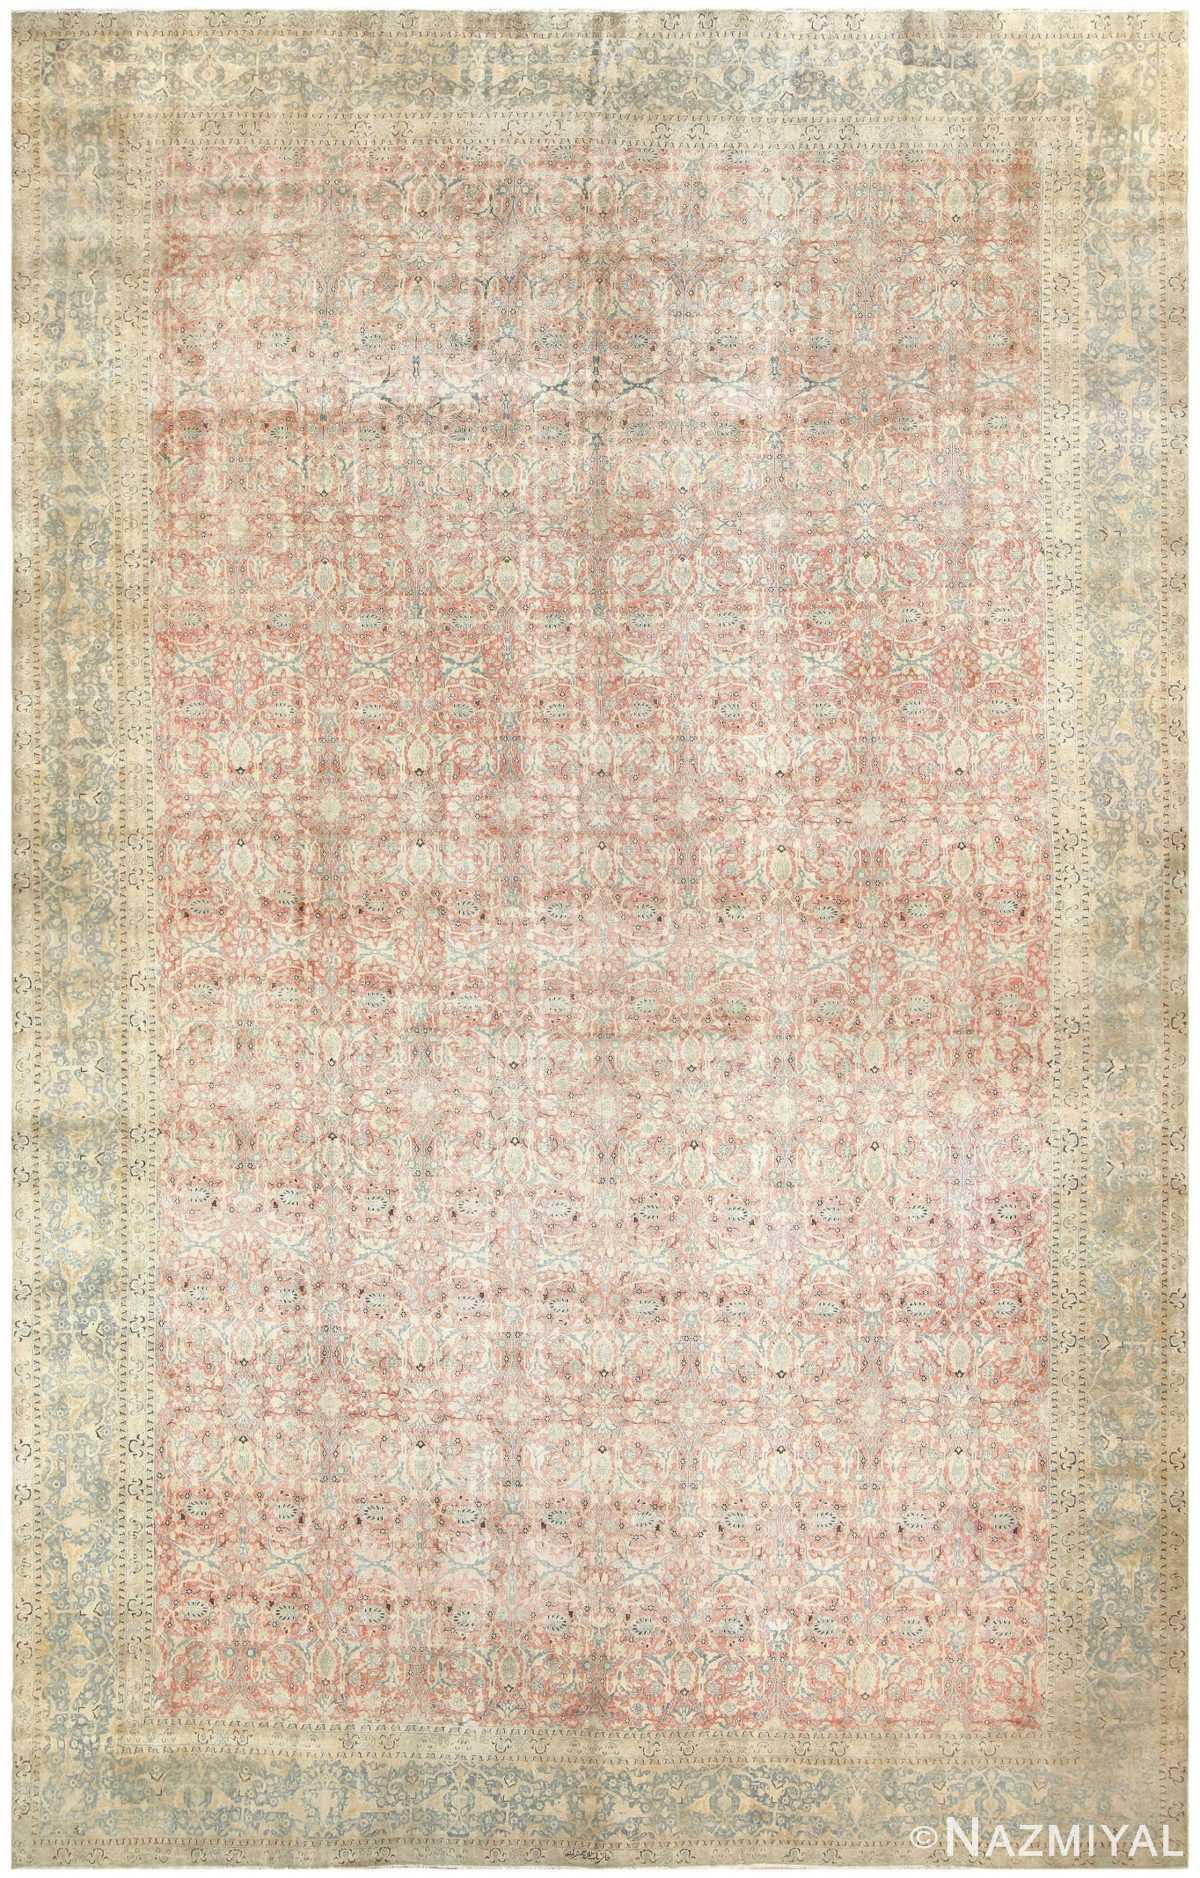 Antique Persian Tabriz Carpet 50118 Nazmiyal